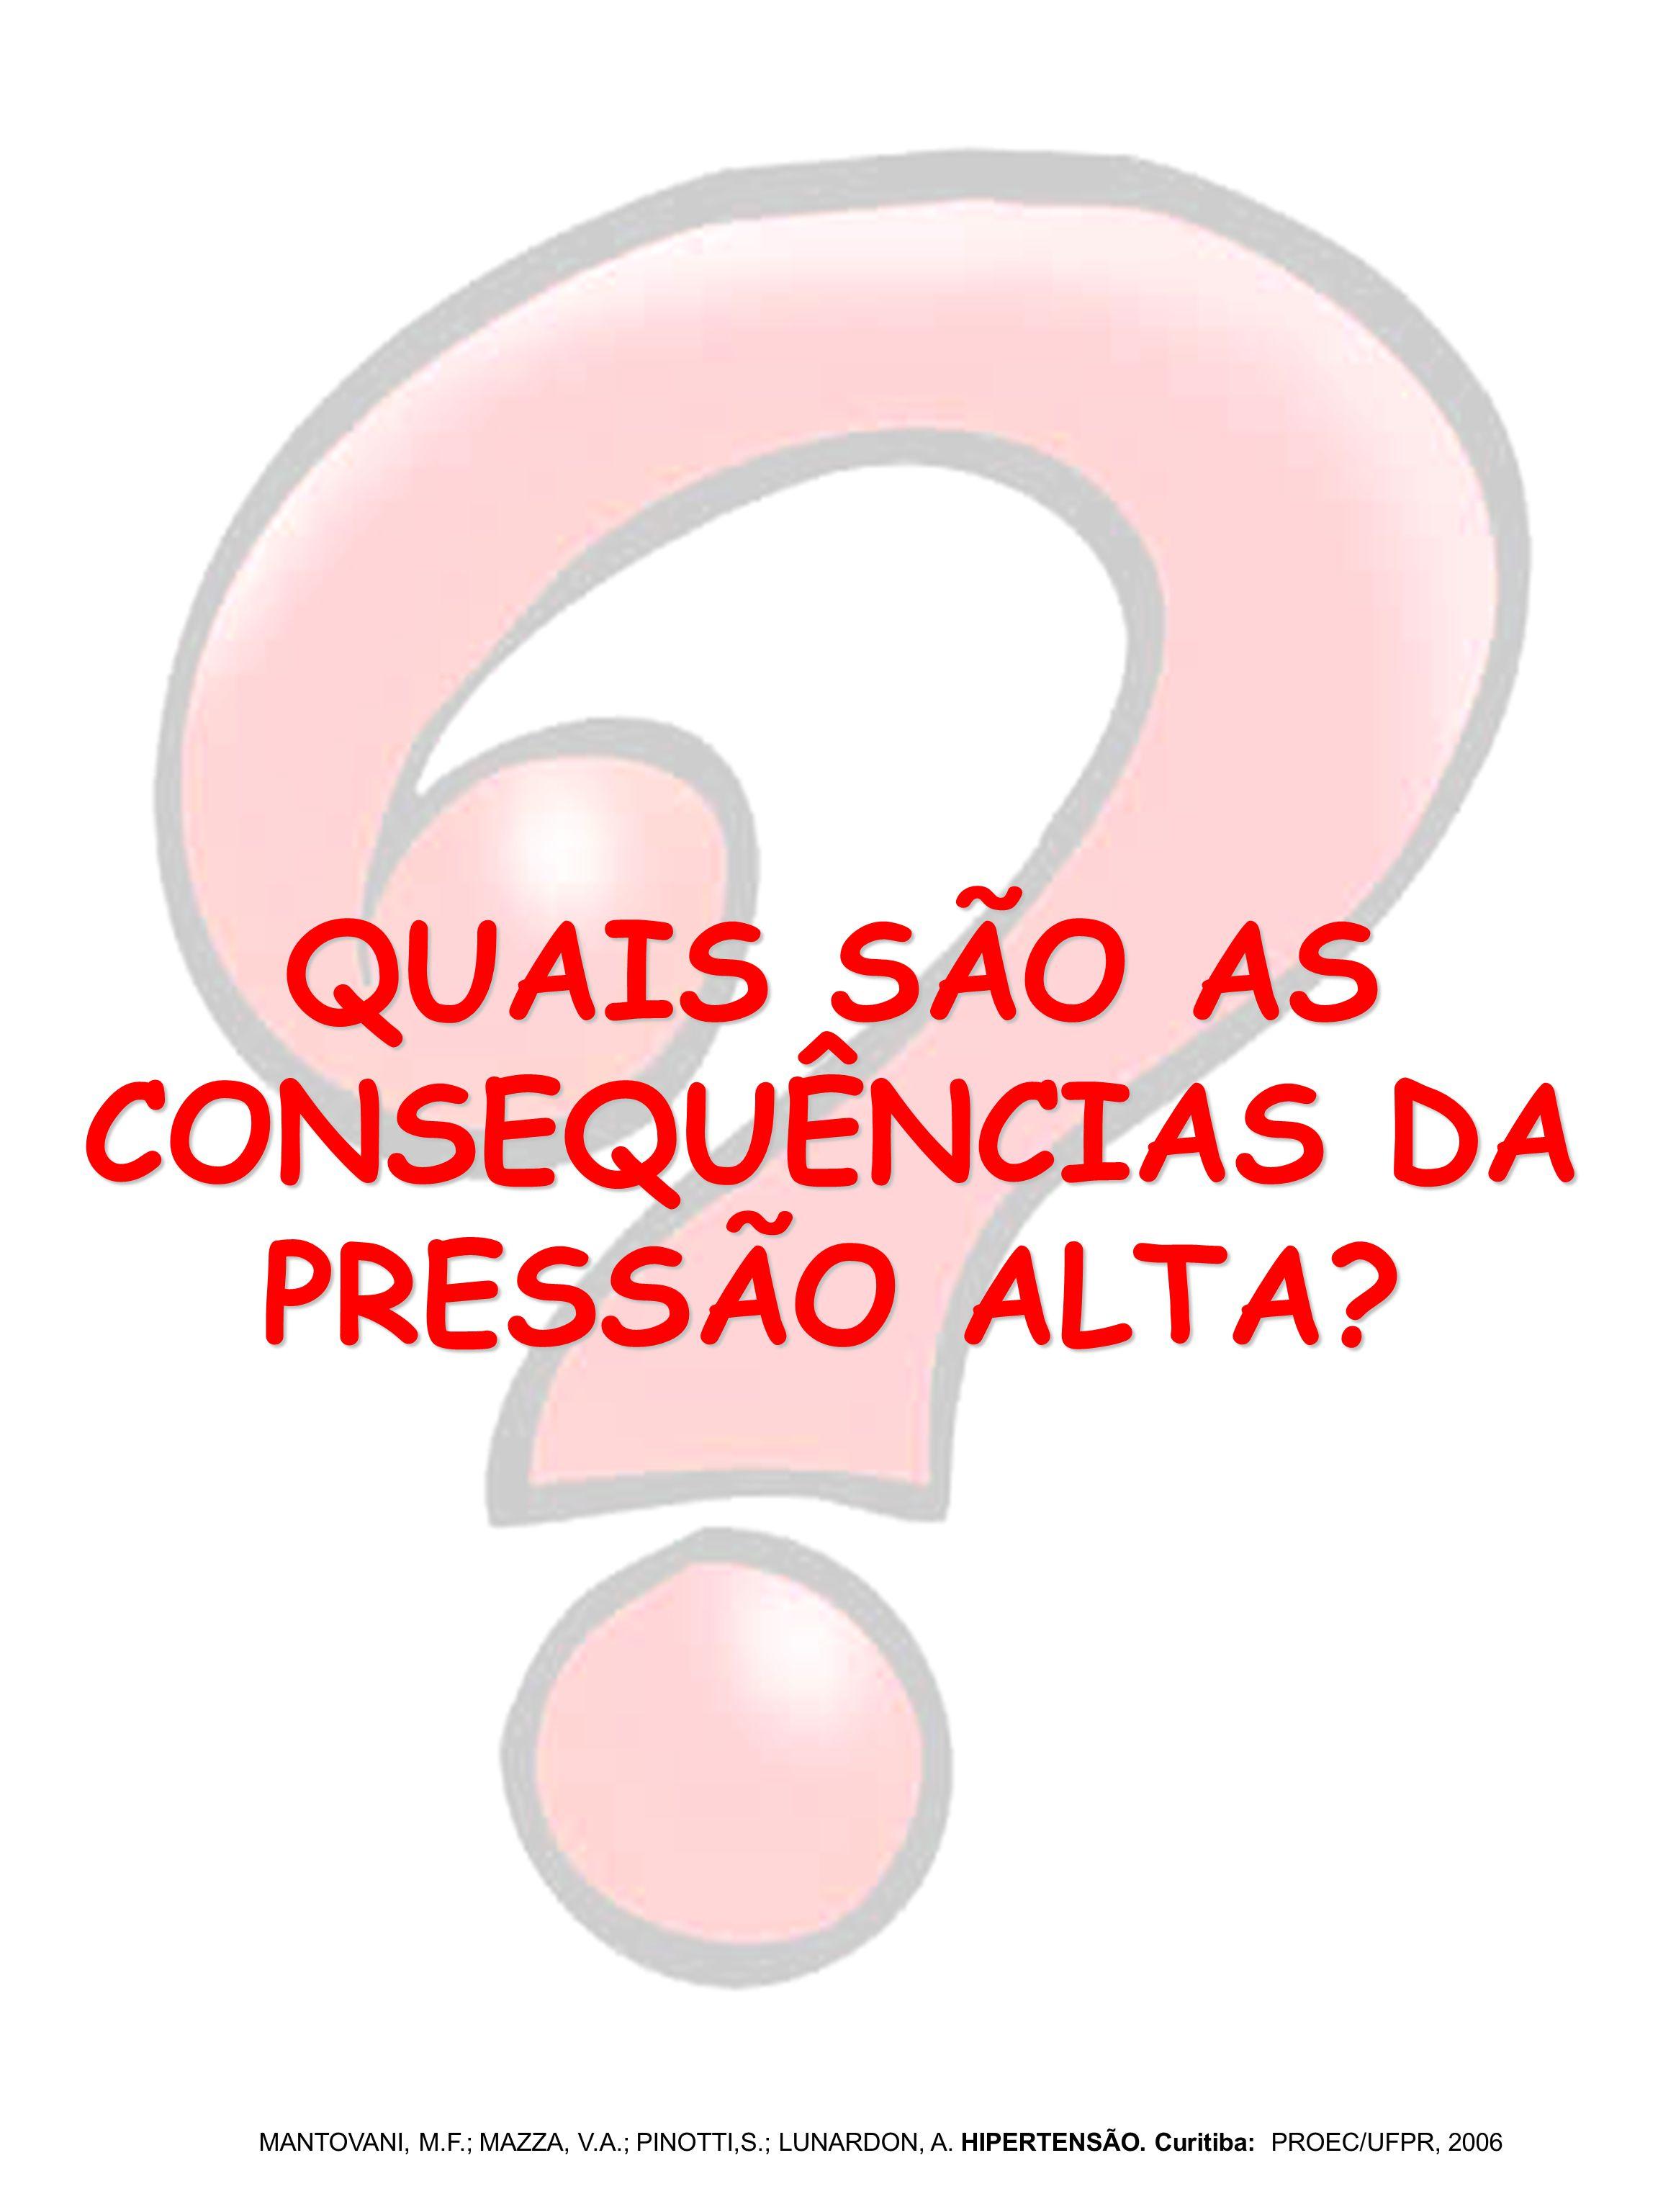 QUAIS SÃO AS CONSEQUÊNCIAS DA PRESSÃO ALTA